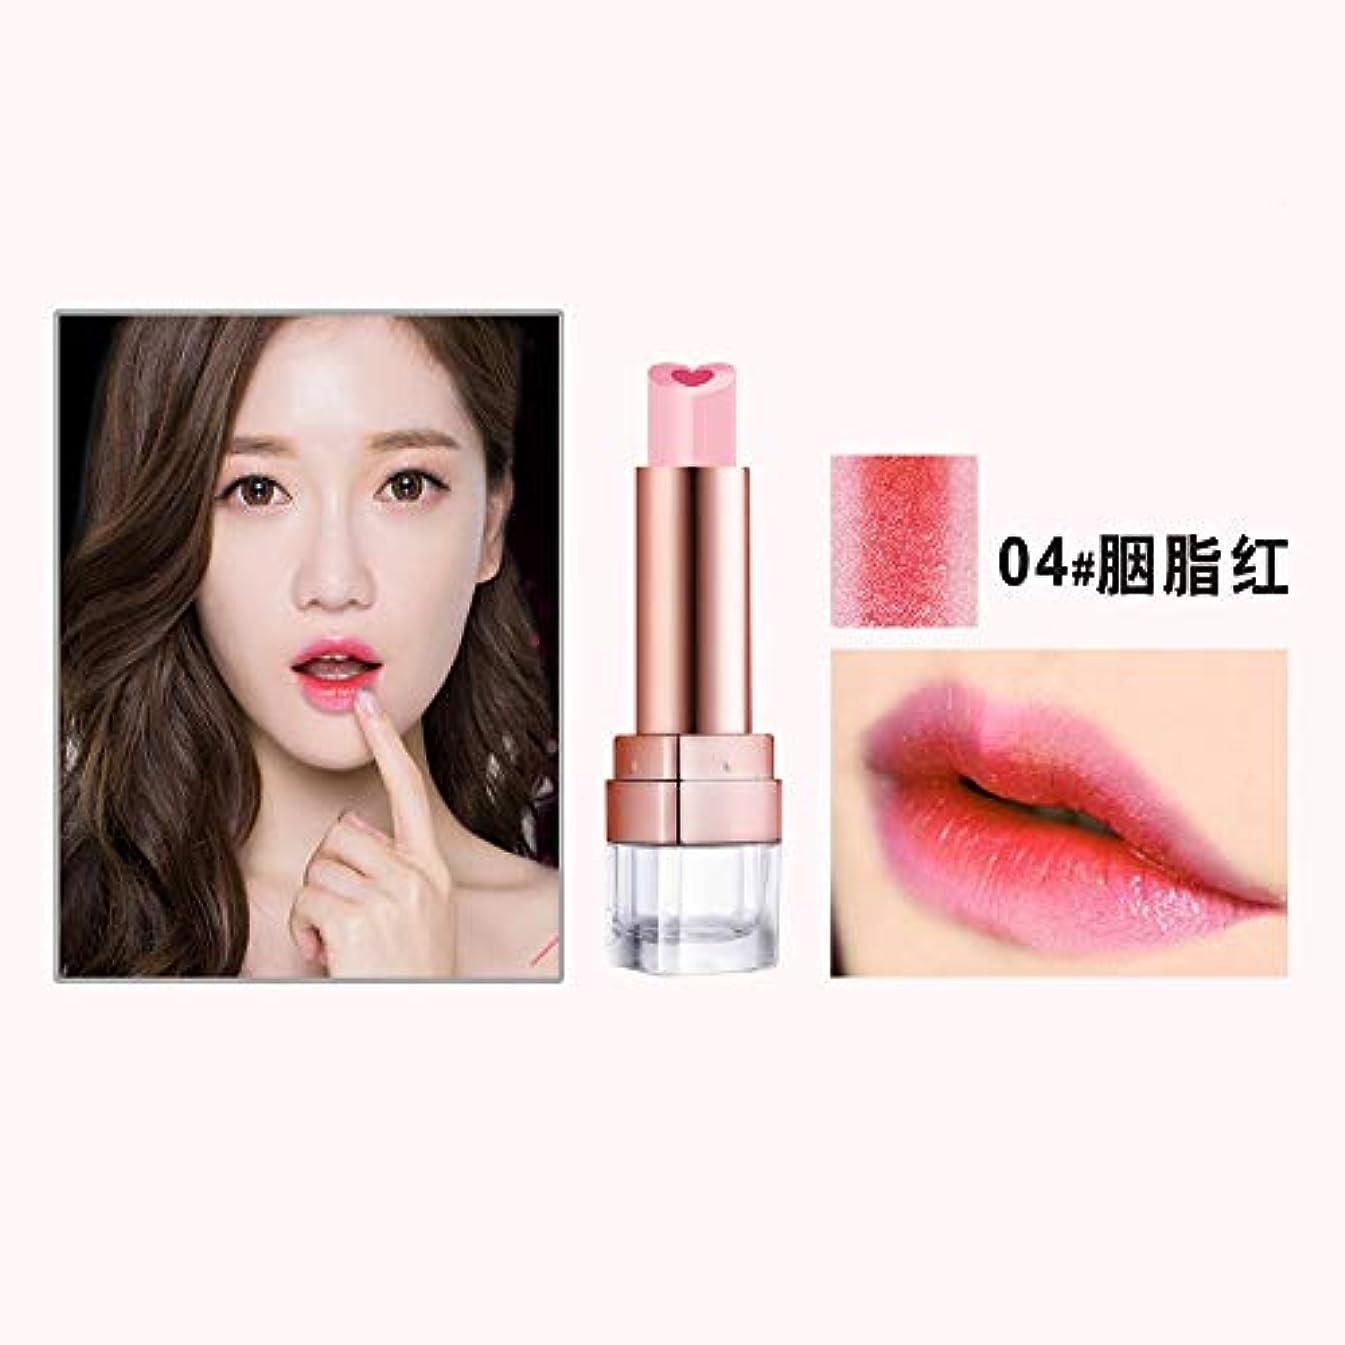 ビルマ戸惑う基本的な口紅 リップスティック 唇のメイクをかむ 人気 3D 立体 二重色 落ない うるおい 6色選択可能 (04)